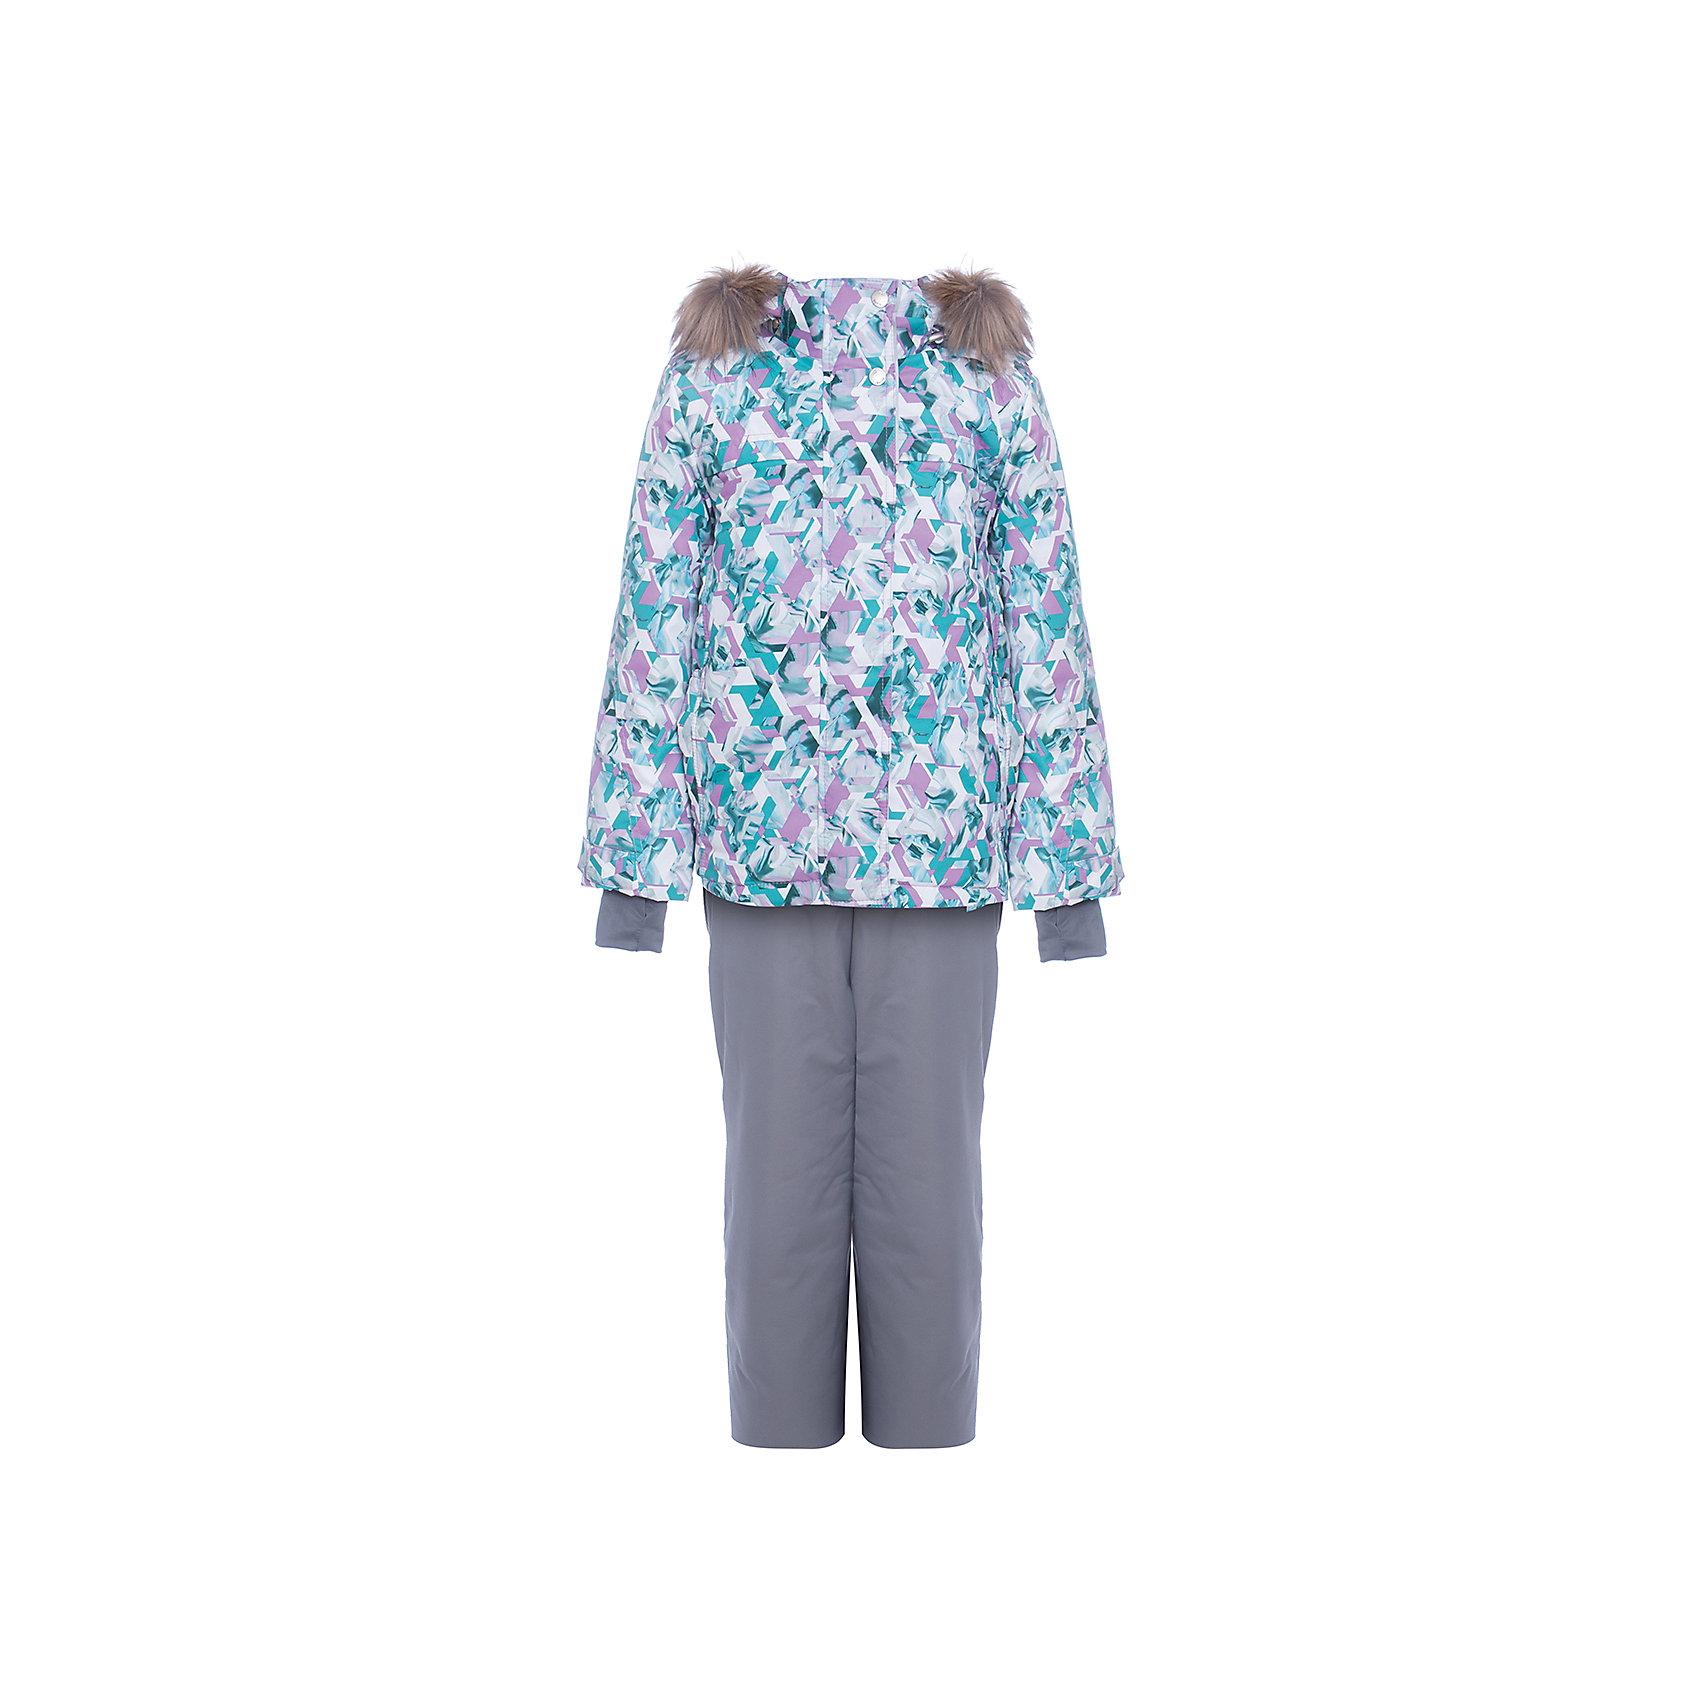 Комплект: куртка и полукомбенизон Герда Batik для девочкиВерхняя одежда<br>Характеристики товара:<br><br>• цвет: серый<br>• комплектация: куртка и полукомбинезон <br>• состав ткани: таслан<br>• подкладка: поларфлис<br>• утеплитель: слайтекс, синтепон <br>• сезон: зима<br>• мембранное покрытие<br>• температурный режим: от -35 до 0<br>• водонепроницаемость: 5000 мм <br>• паропроницаемость: 5000 г/м2<br>• плотность утеплителя: куртка - 350 г/м2, полукомбинезон - 200 г/м2<br>• застежка: молния<br>• капюшон: с мехом, отстегивается<br>• встроенный термодатчик<br>• страна бренда: Россия<br>• страна изготовитель: Россия<br><br>Модный мембранный комплект Batik для девочки дополнен элементами, обеспечивающими тепло и комфорт. Капюшон, карманы, молния - всё это делает зимний комплект очень удобным. Подкладка детского комплекта для зимы приятная на ощупь и мягкая.<br><br>Комплект: куртка и полукомбинезон Герда Batik (Батик) для девочки можно купить в нашем интернет-магазине.<br><br>Ширина мм: 356<br>Глубина мм: 10<br>Высота мм: 245<br>Вес г: 519<br>Цвет: серый<br>Возраст от месяцев: 108<br>Возраст до месяцев: 120<br>Пол: Женский<br>Возраст: Детский<br>Размер: 140,128,134<br>SKU: 7028144